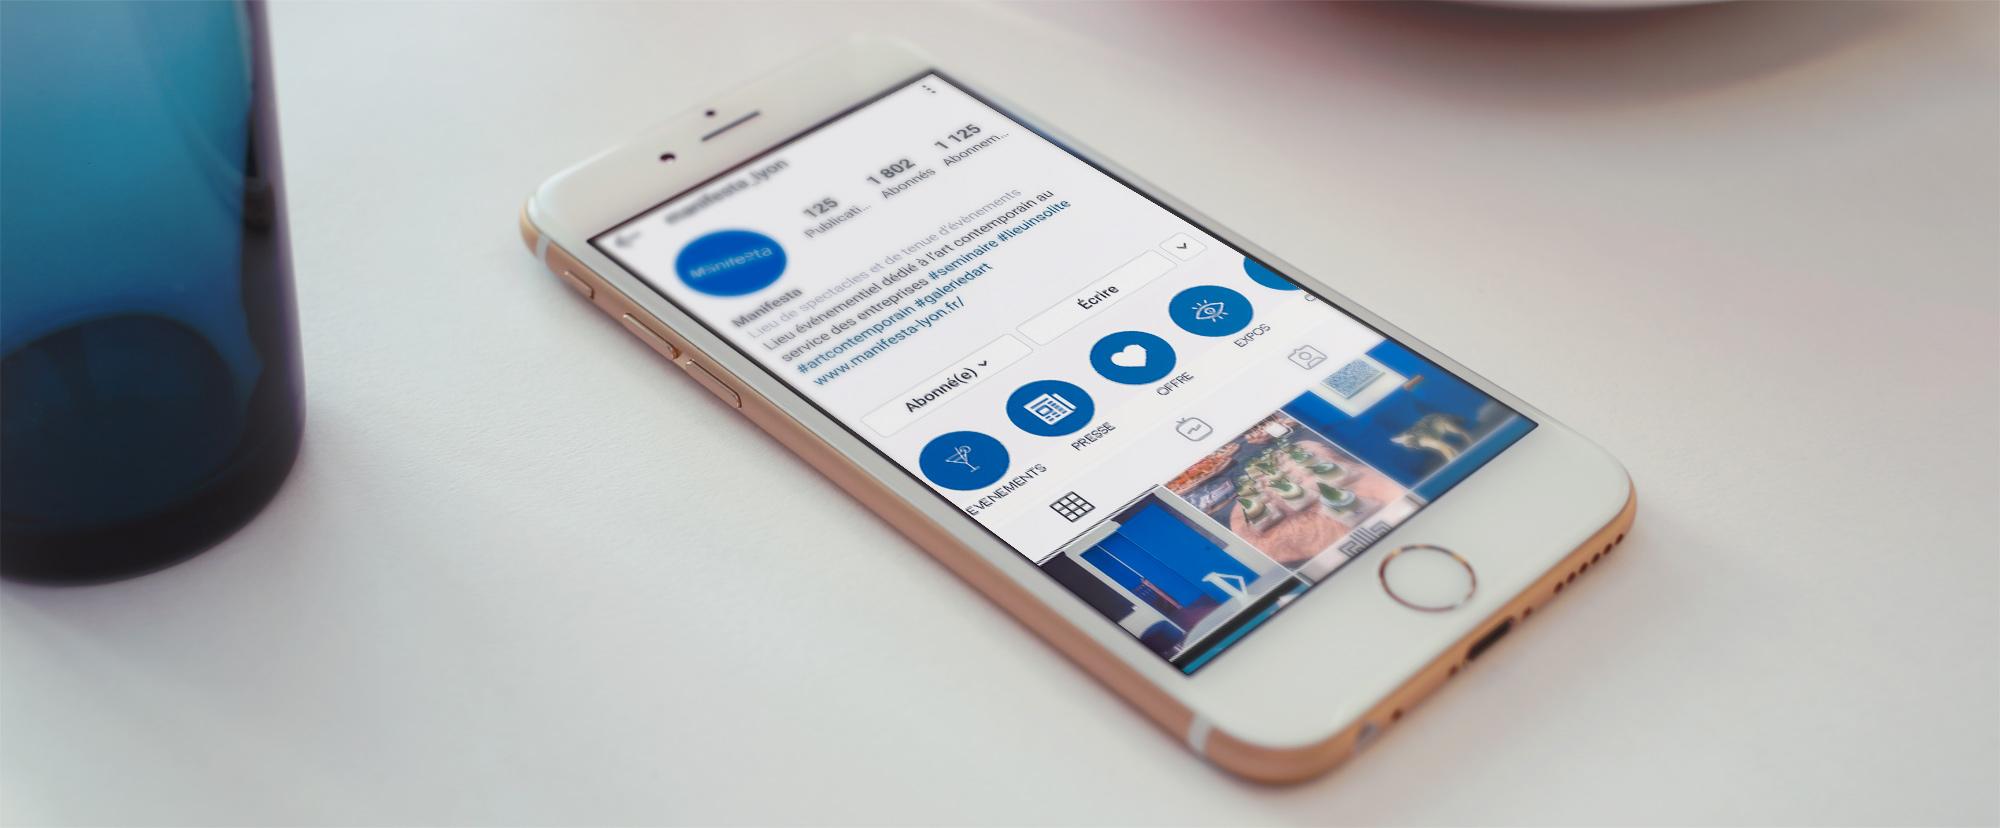 Smartphone affichant le compte de Manifesta sur Instagram